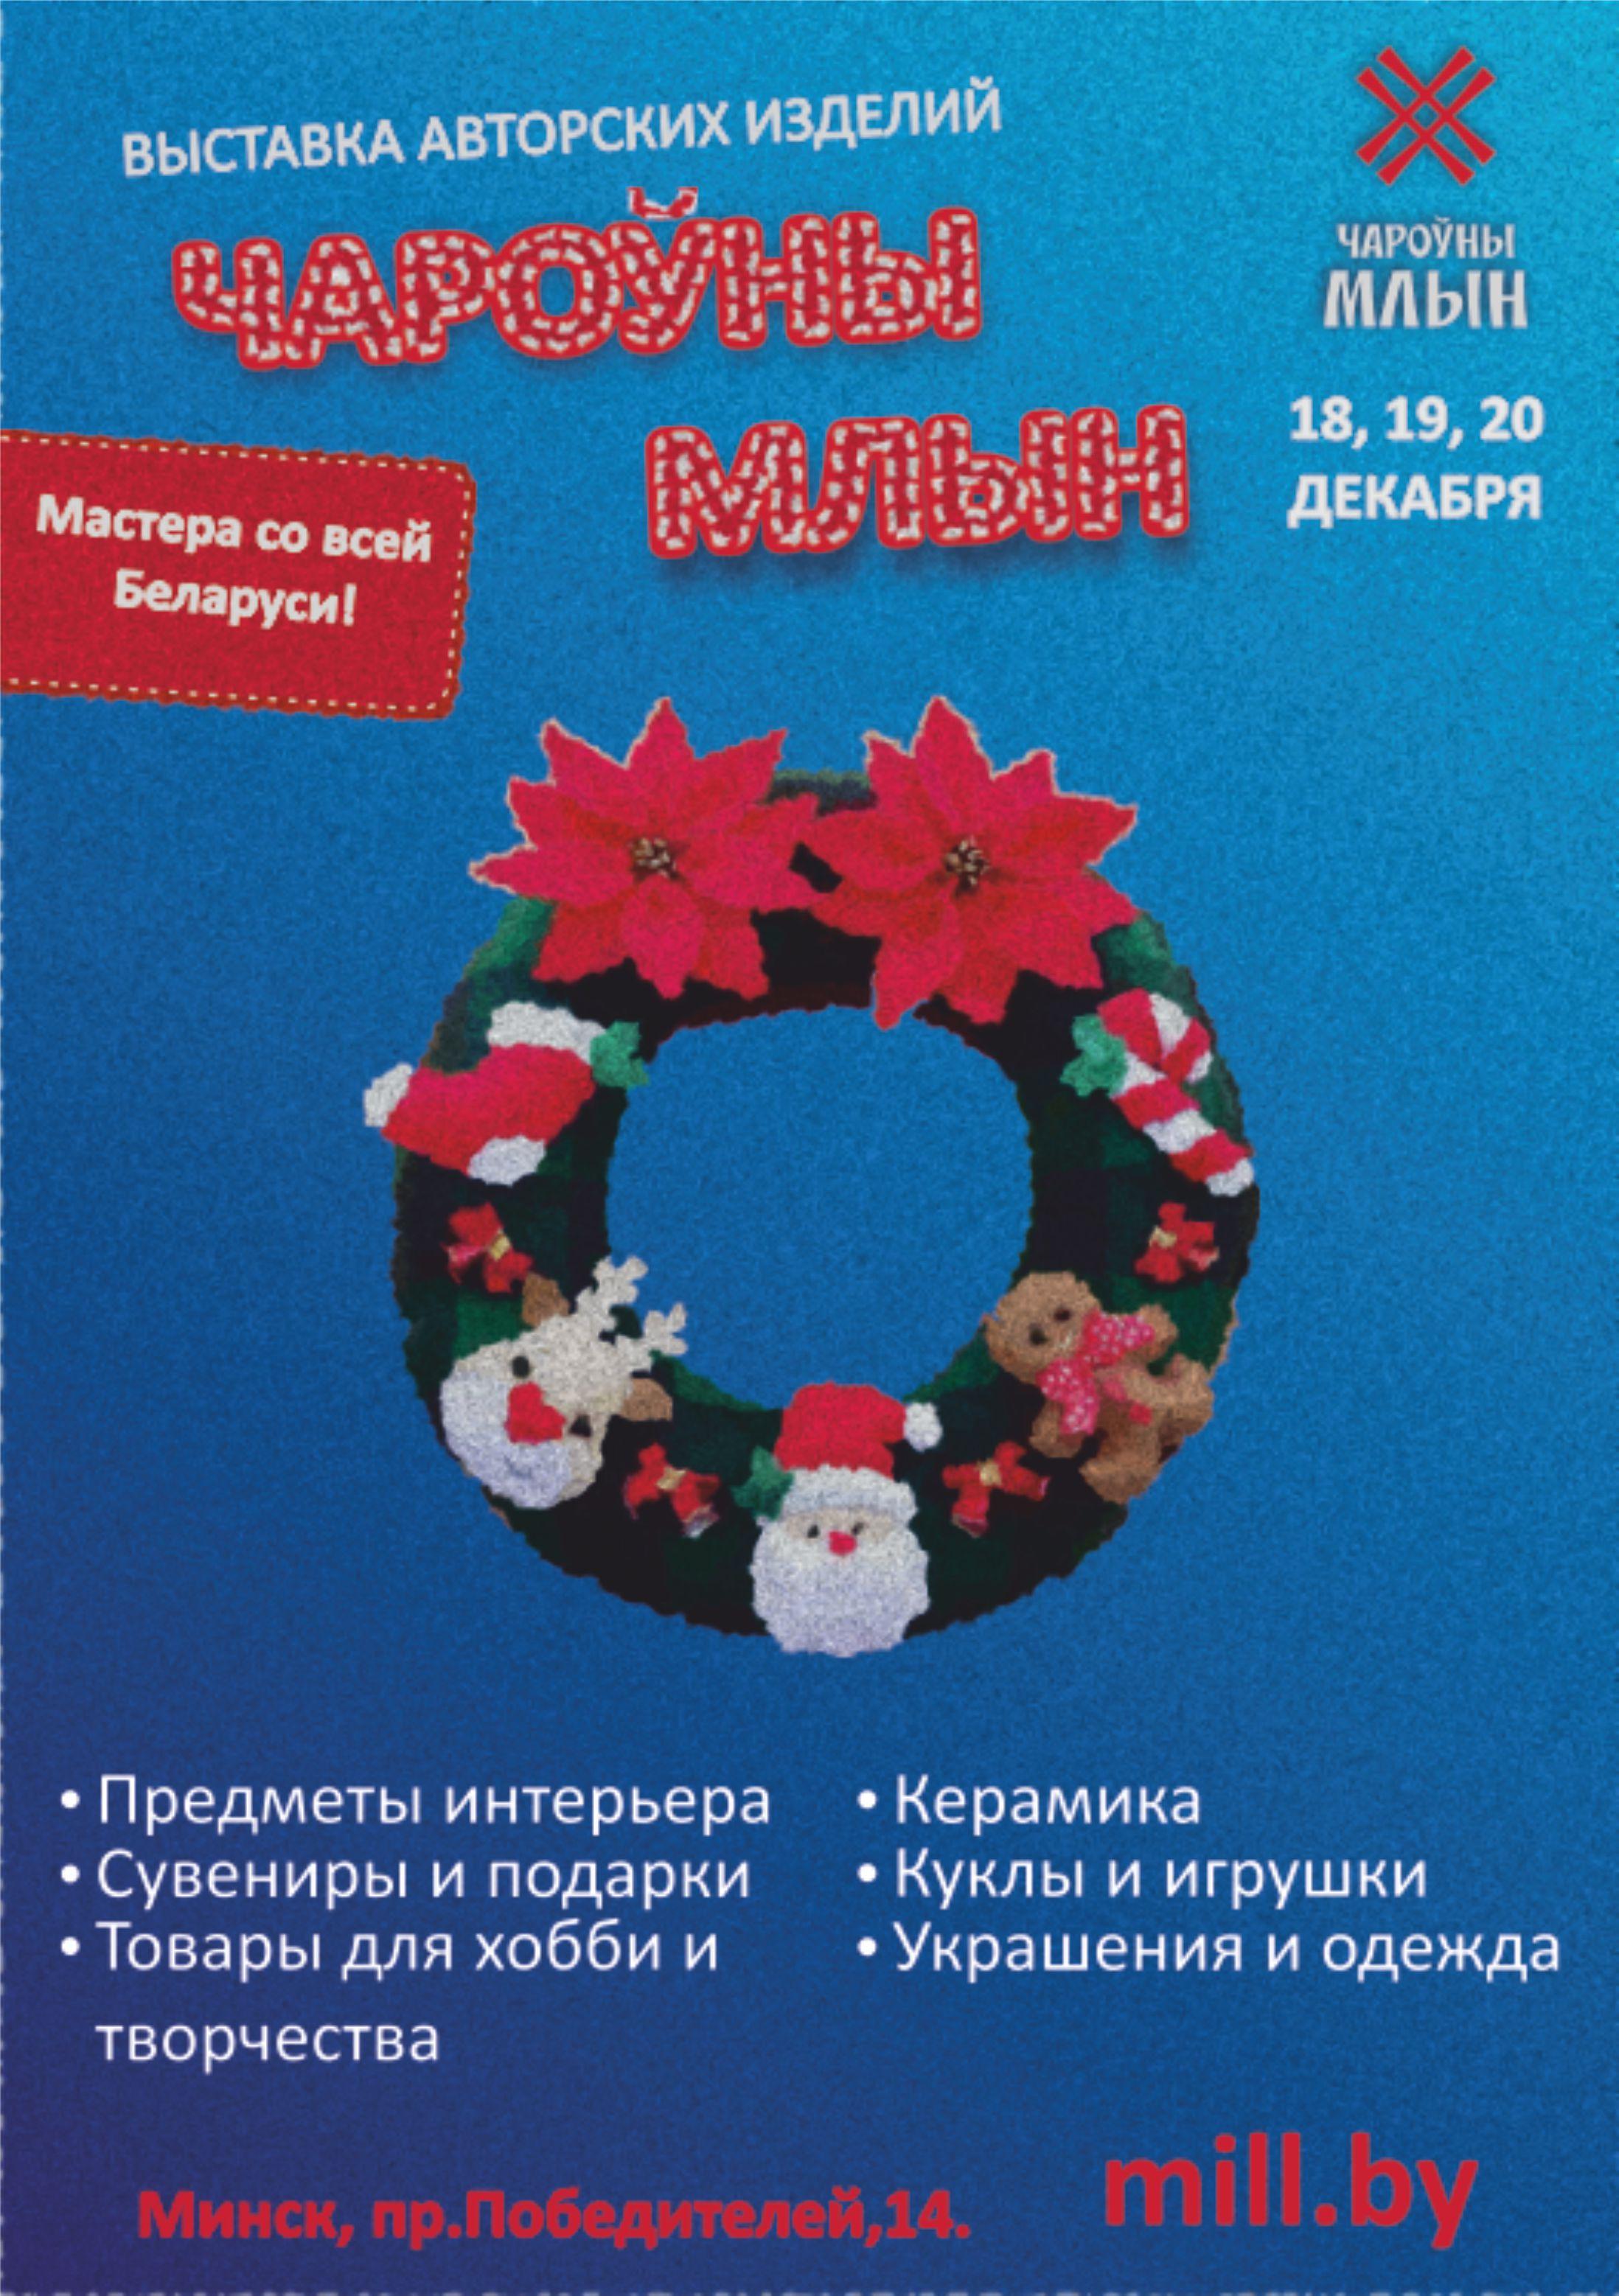 Дизайн новогодней афиши для выставки изделий ручной работы фото f_0335f8f66fe79eff.jpg